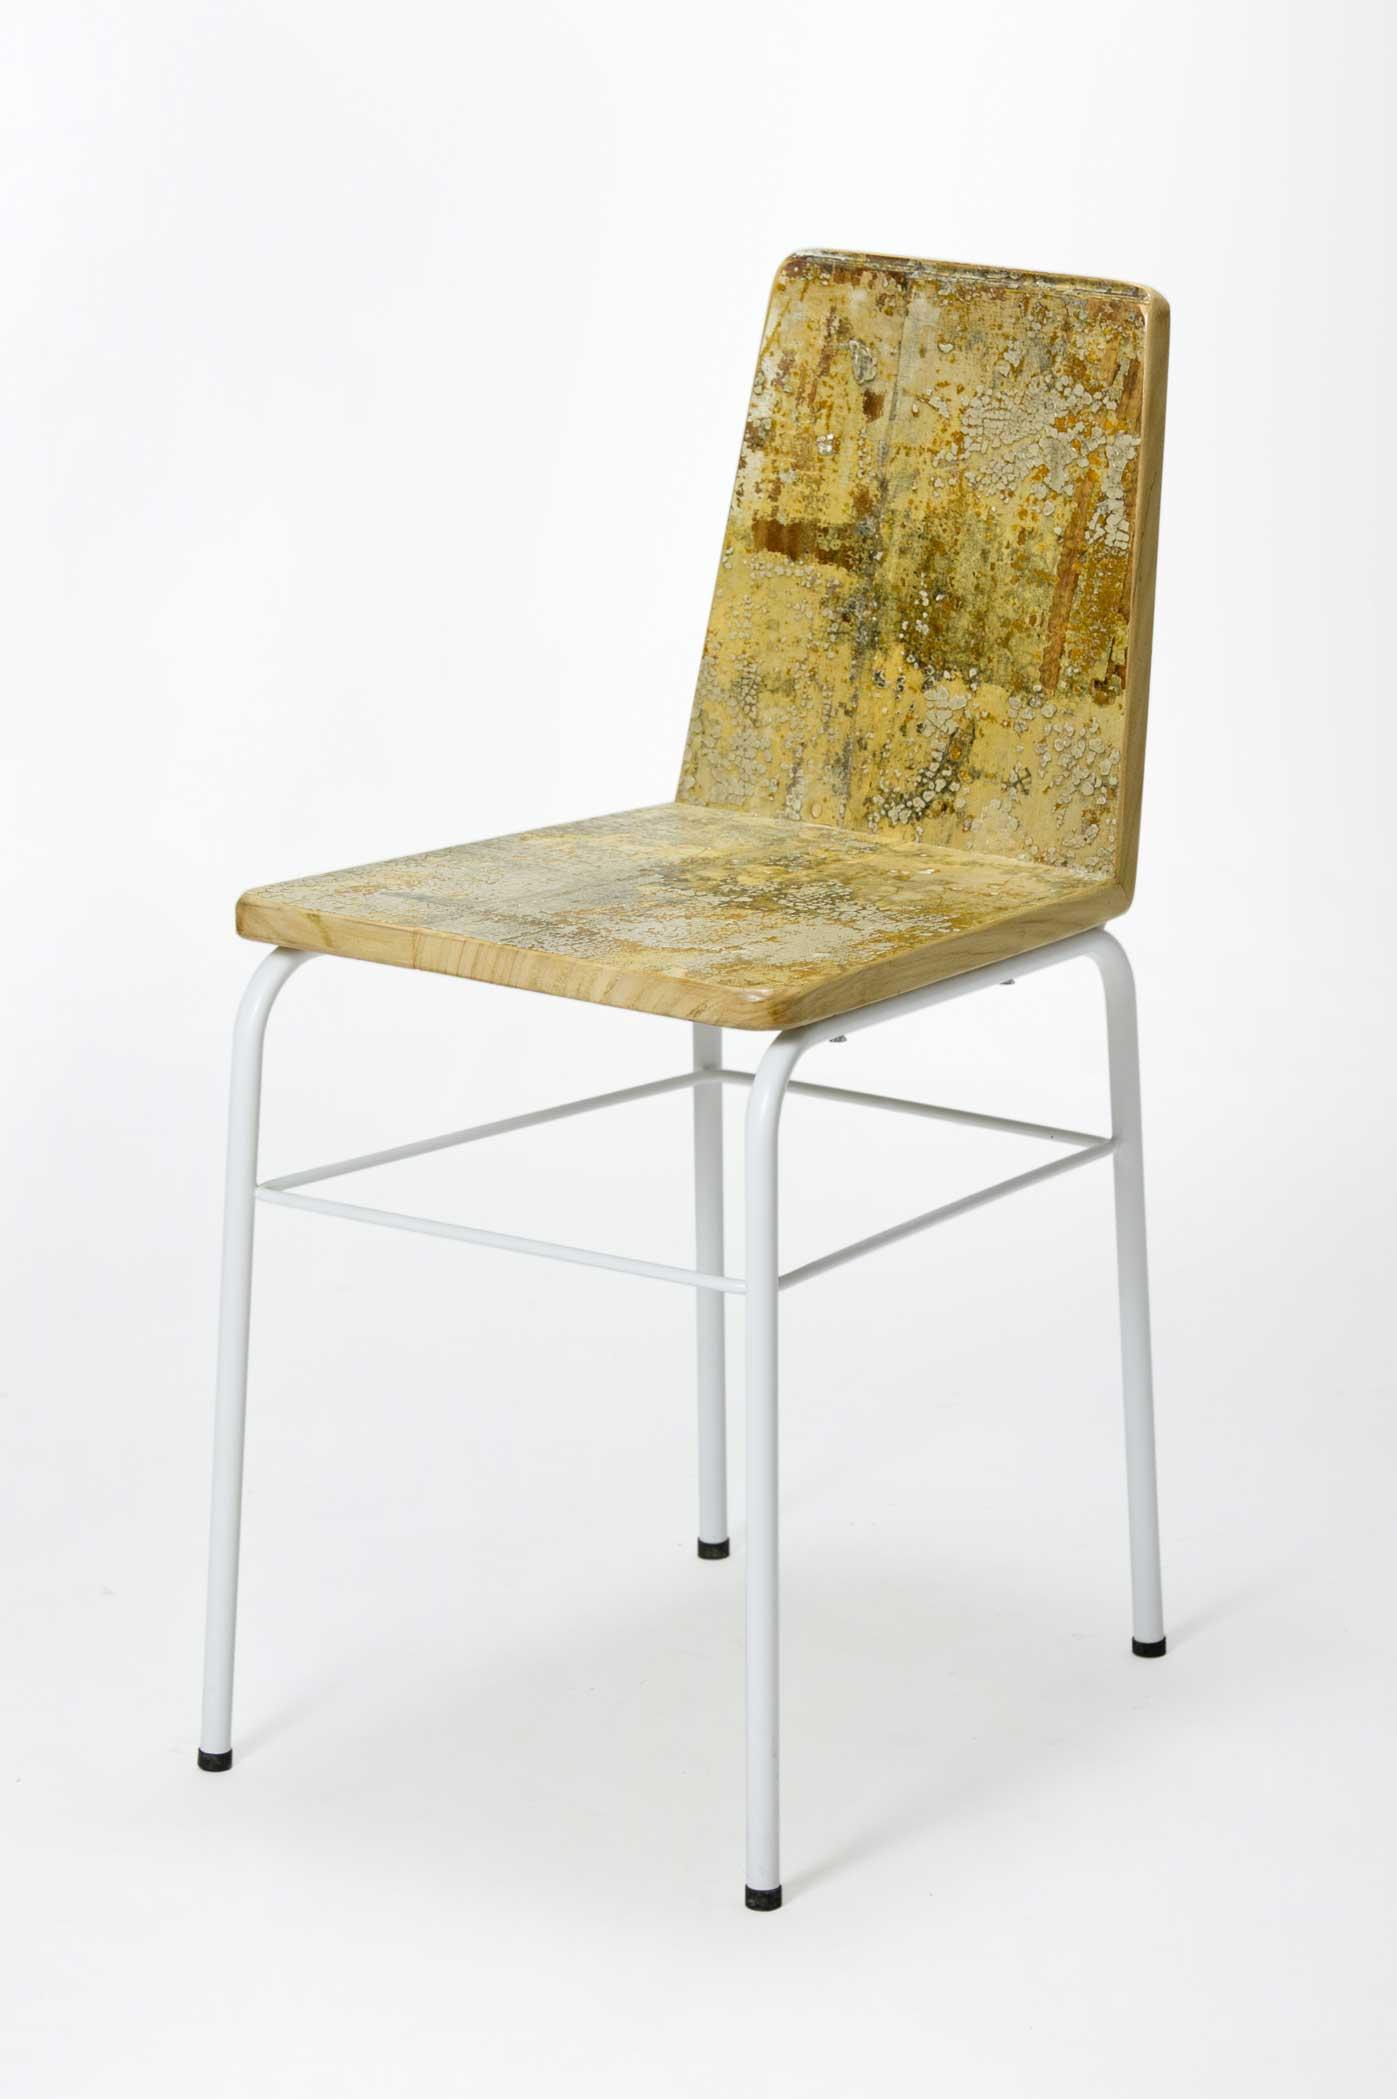 Sedia design vintage in legno e resina oro